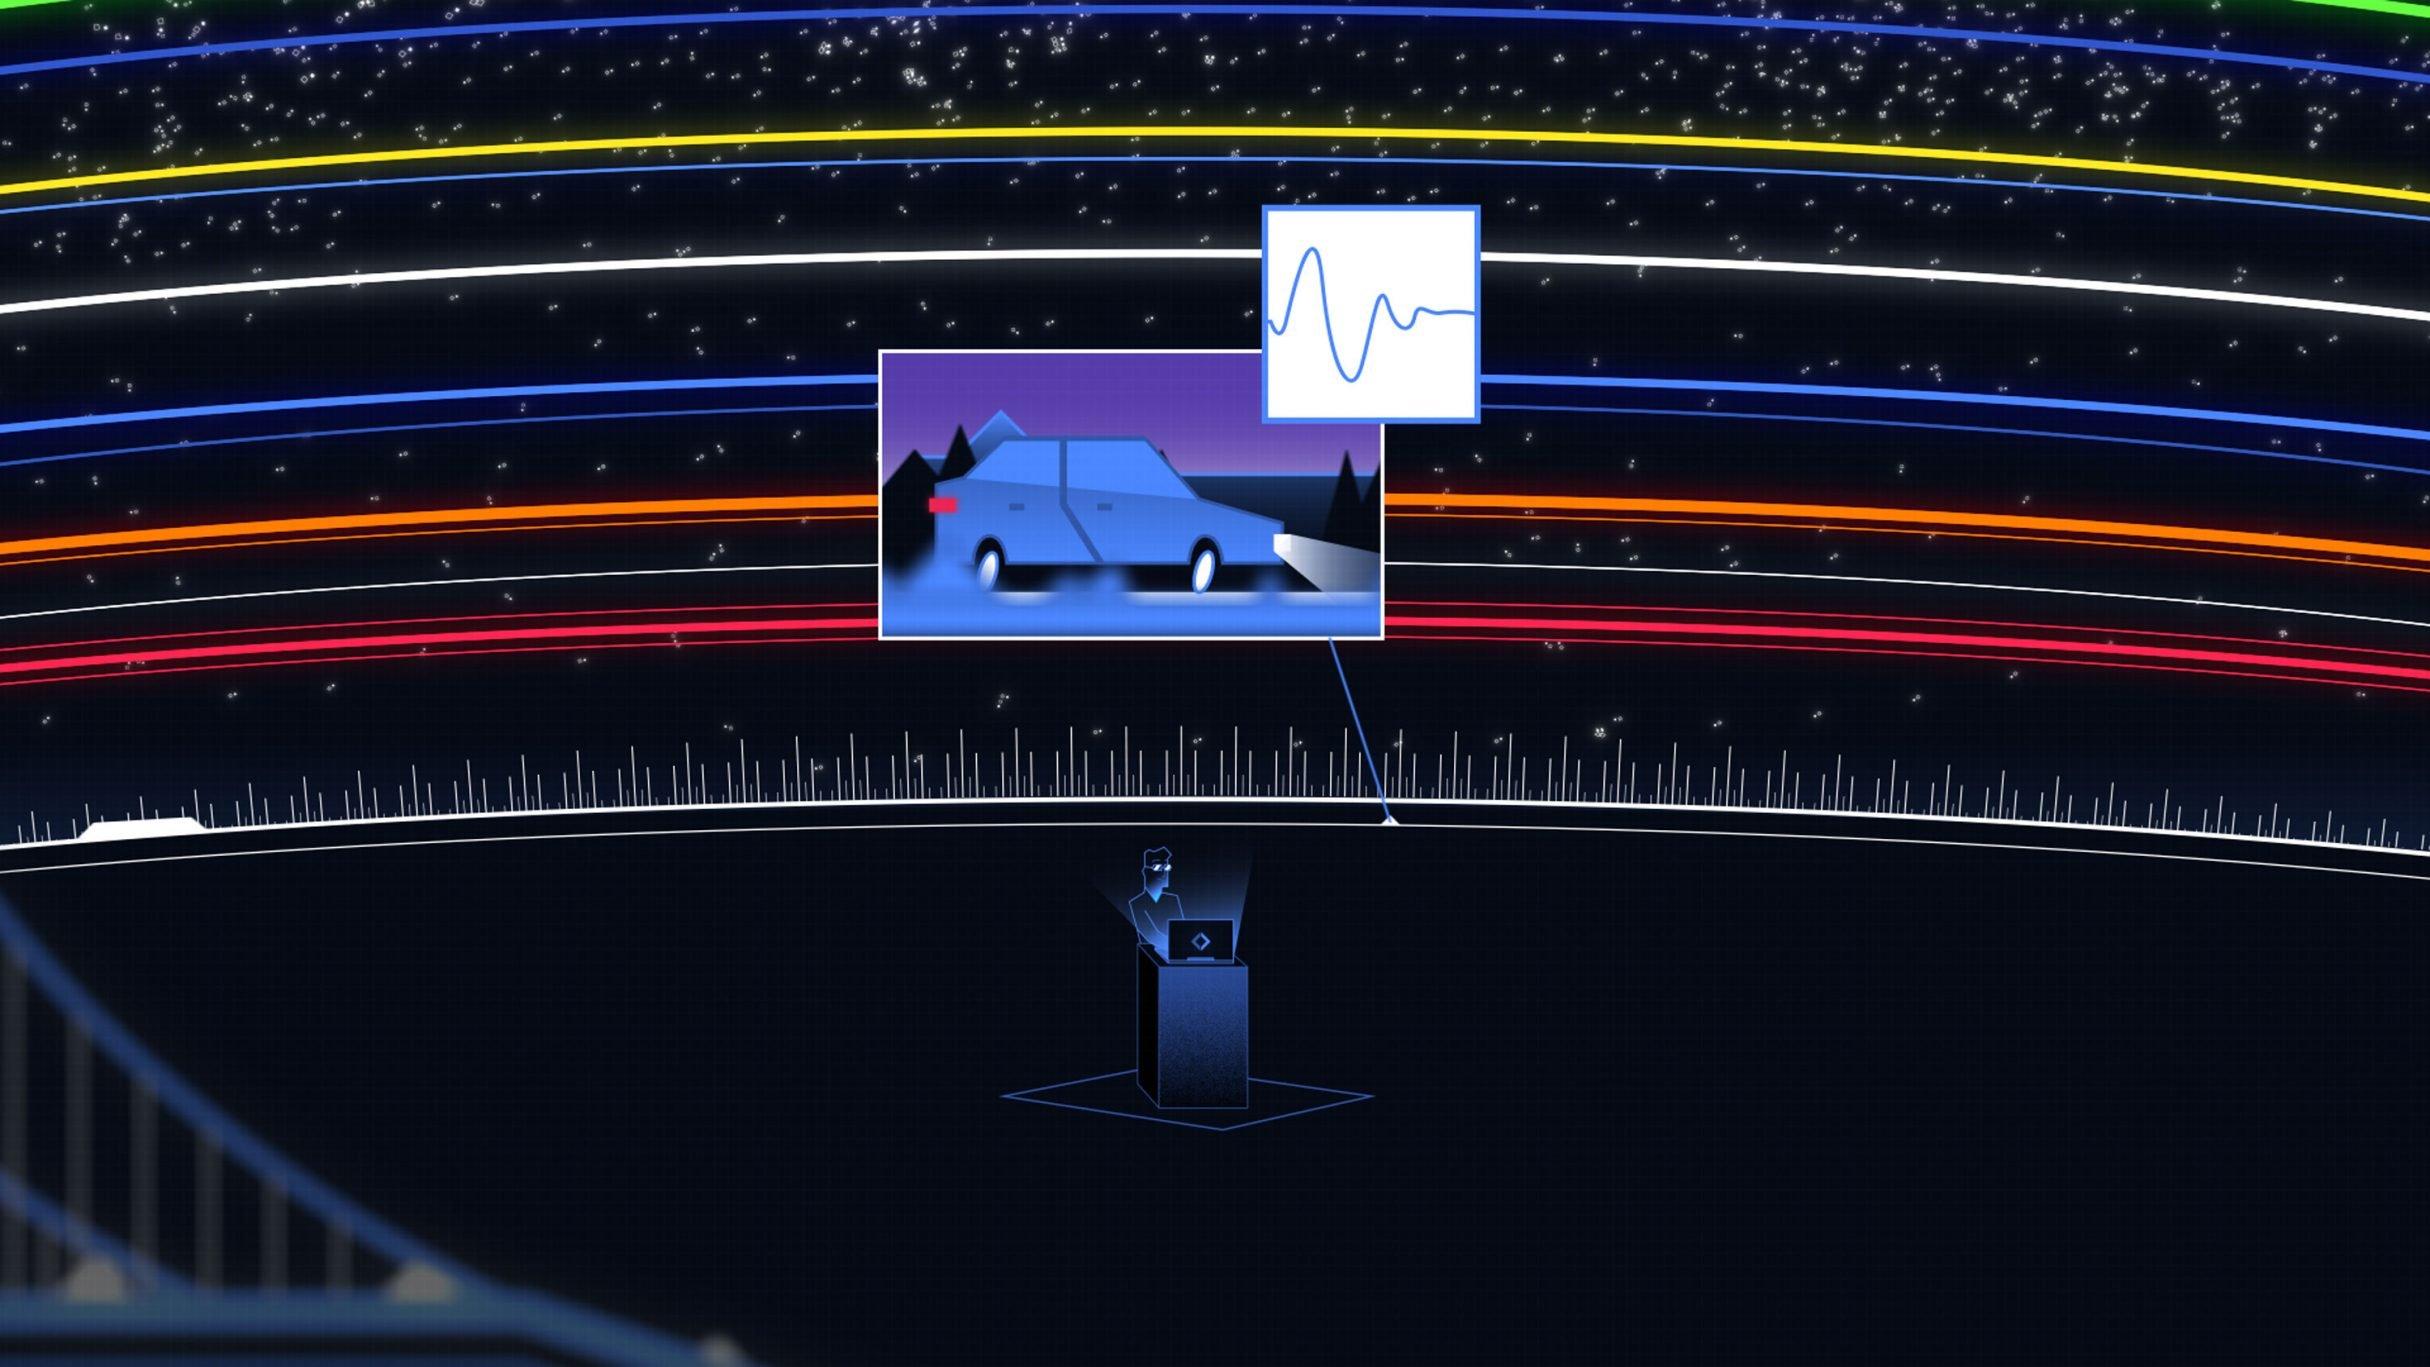 Screenshot Videoanimation GI.bench für Gantner Instruments: DIE NEUDENKER® Agentur, Darmstadt